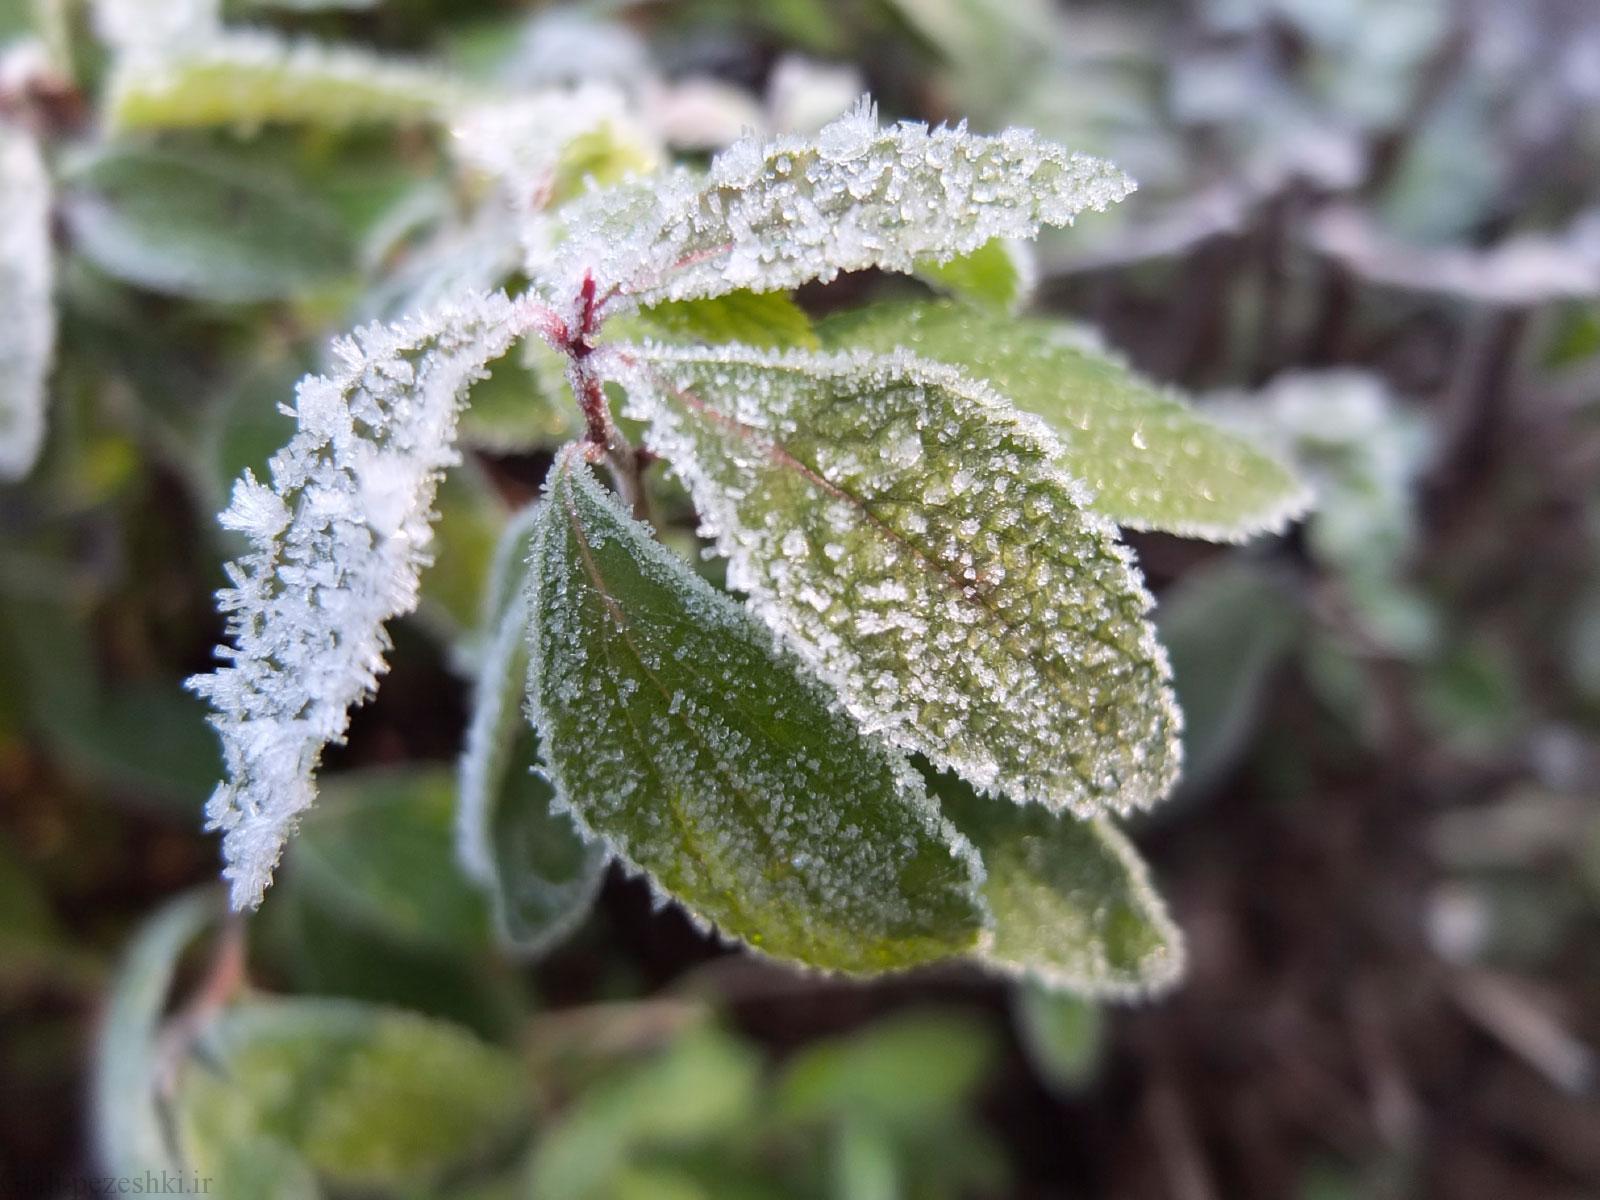 خسارت های سرمازدگی گیاهان و روش های جلوگیری از آن